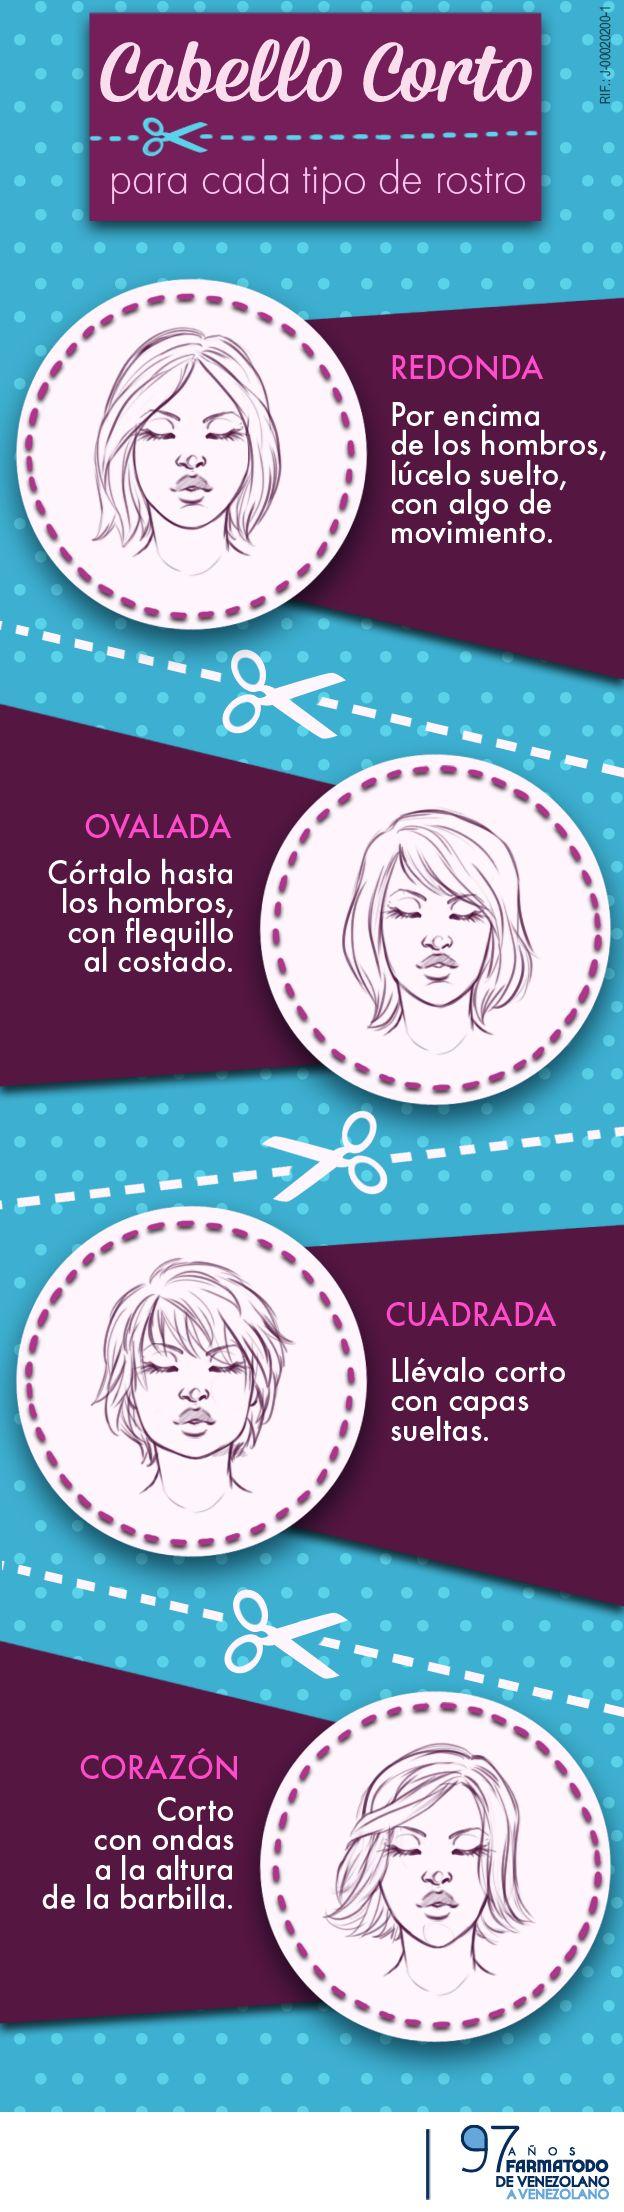 No importa que tu cara sea redonda, ovalada, cuadrada o en corazón. Toma en cuenta estos tips y luce el cabello corto con mucho estilo